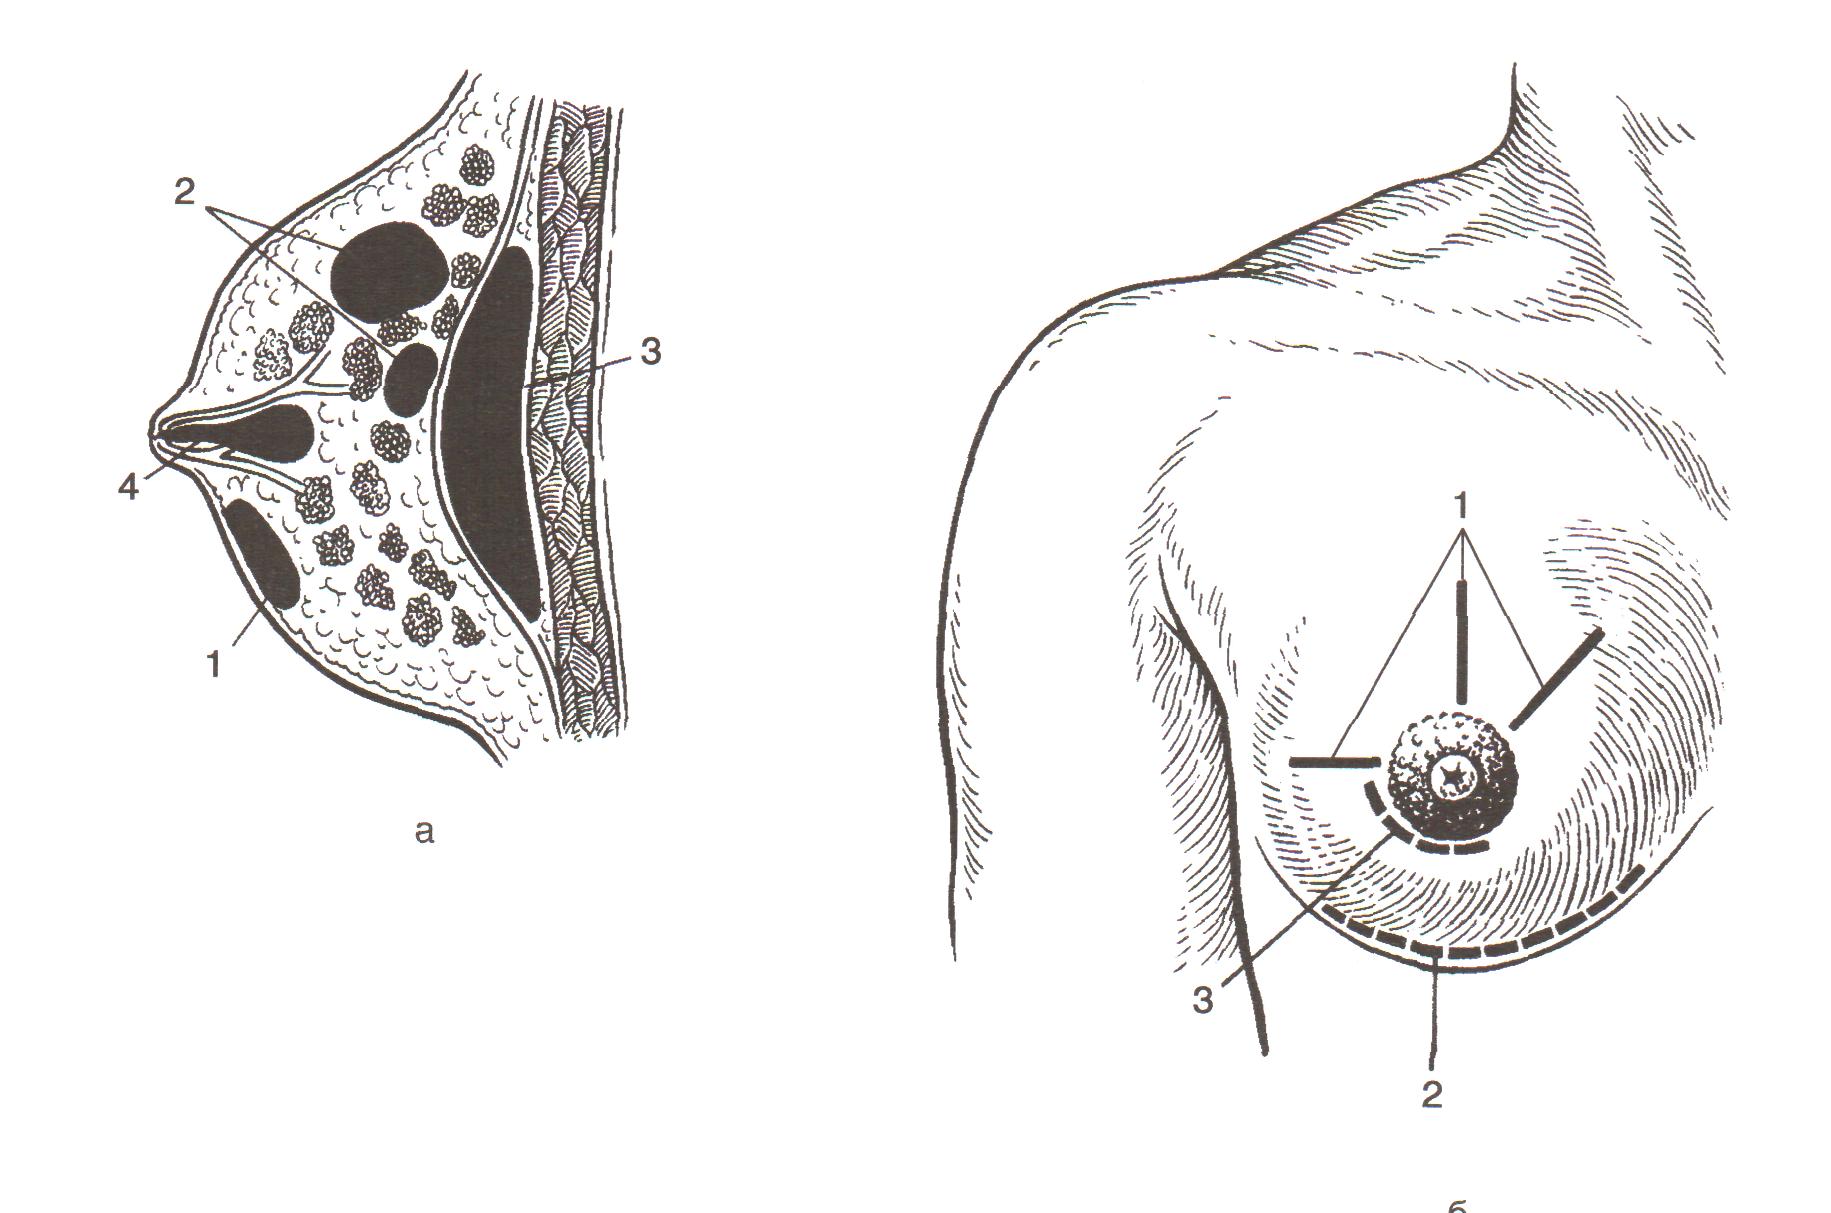 женская грудь с доброкачественными изменениями в разрезе на схеме